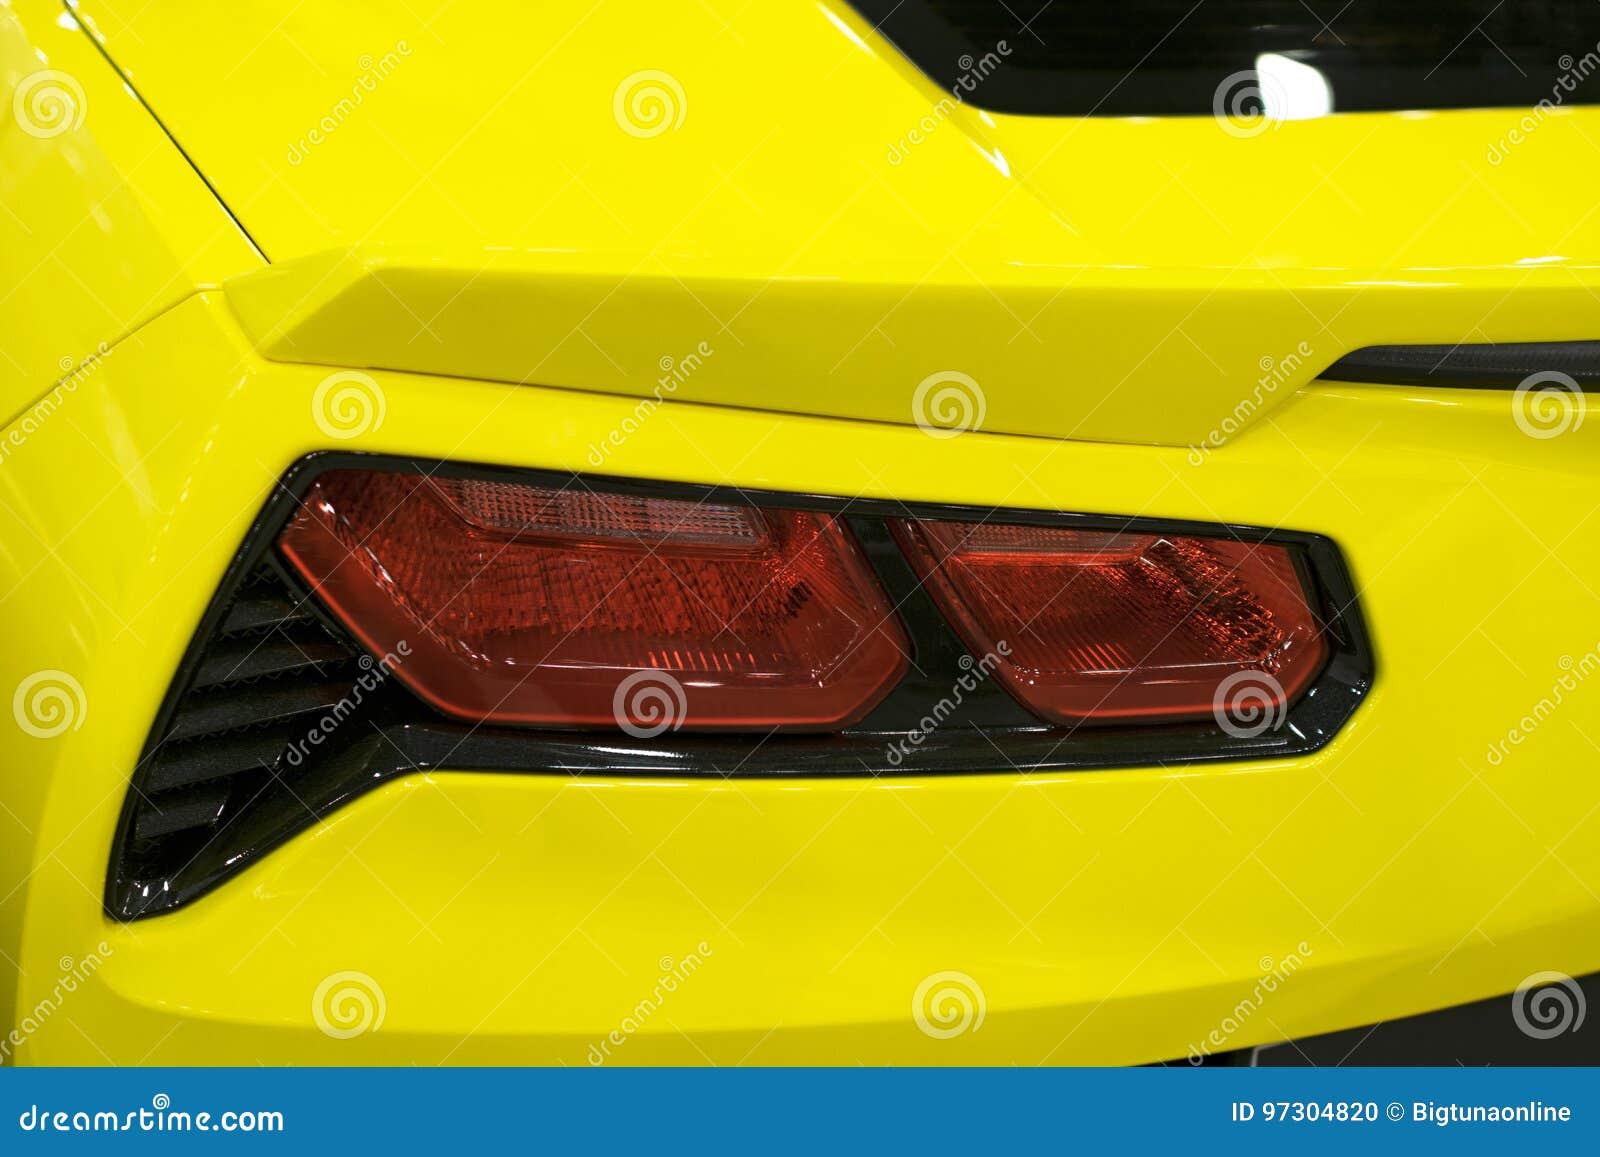 voiture de sport jaune photos stock inscription gratuite. Black Bedroom Furniture Sets. Home Design Ideas